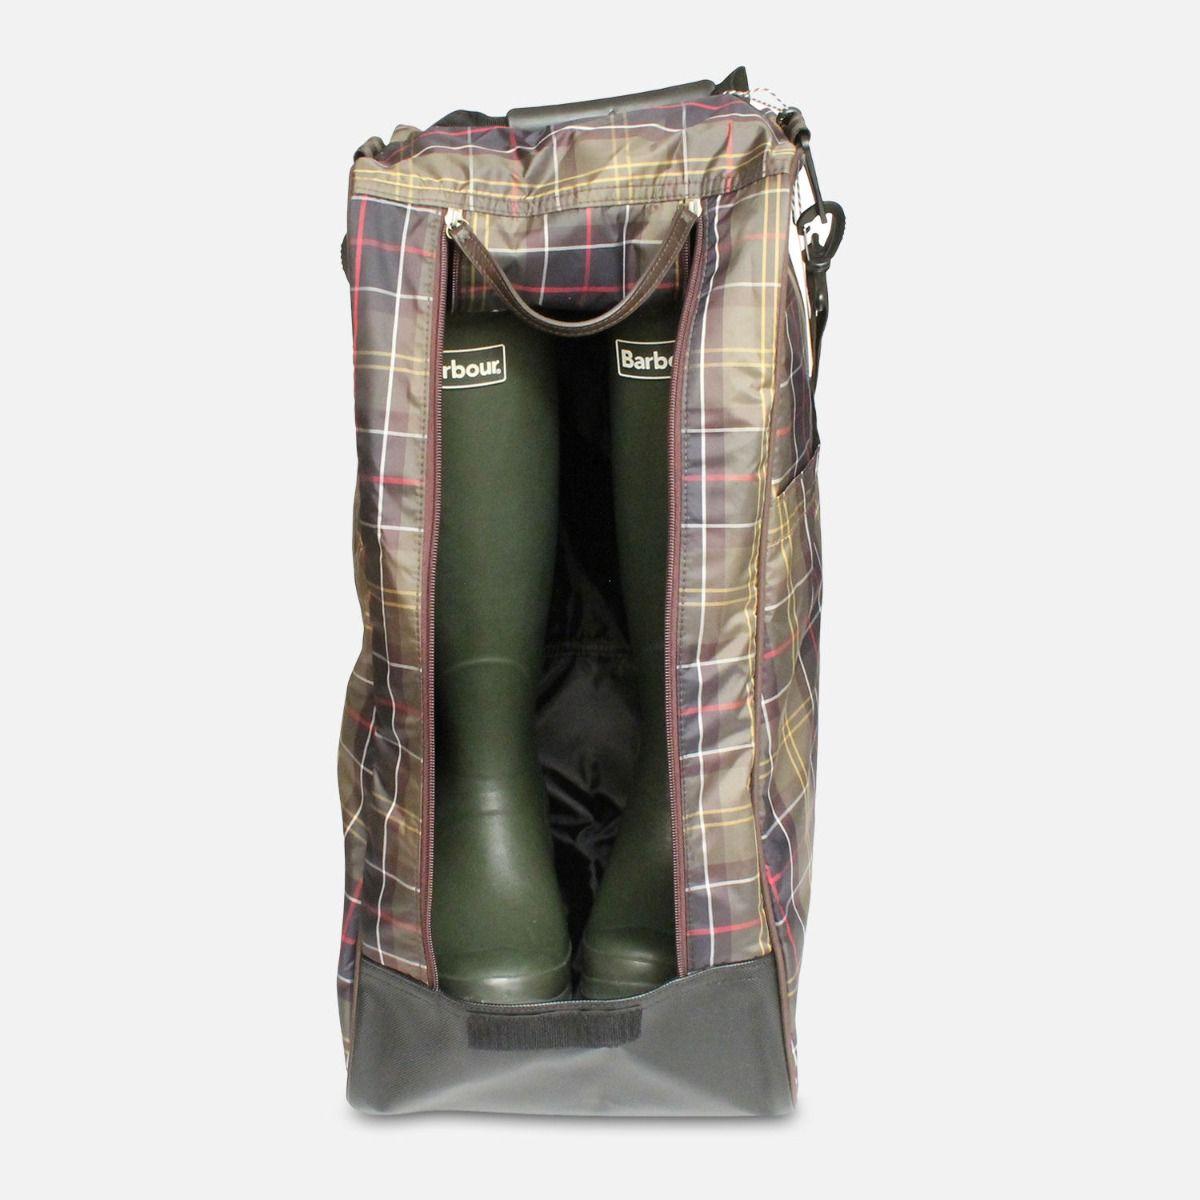 Barbour Classic Tartan Waterproof Wellington Boot Bag